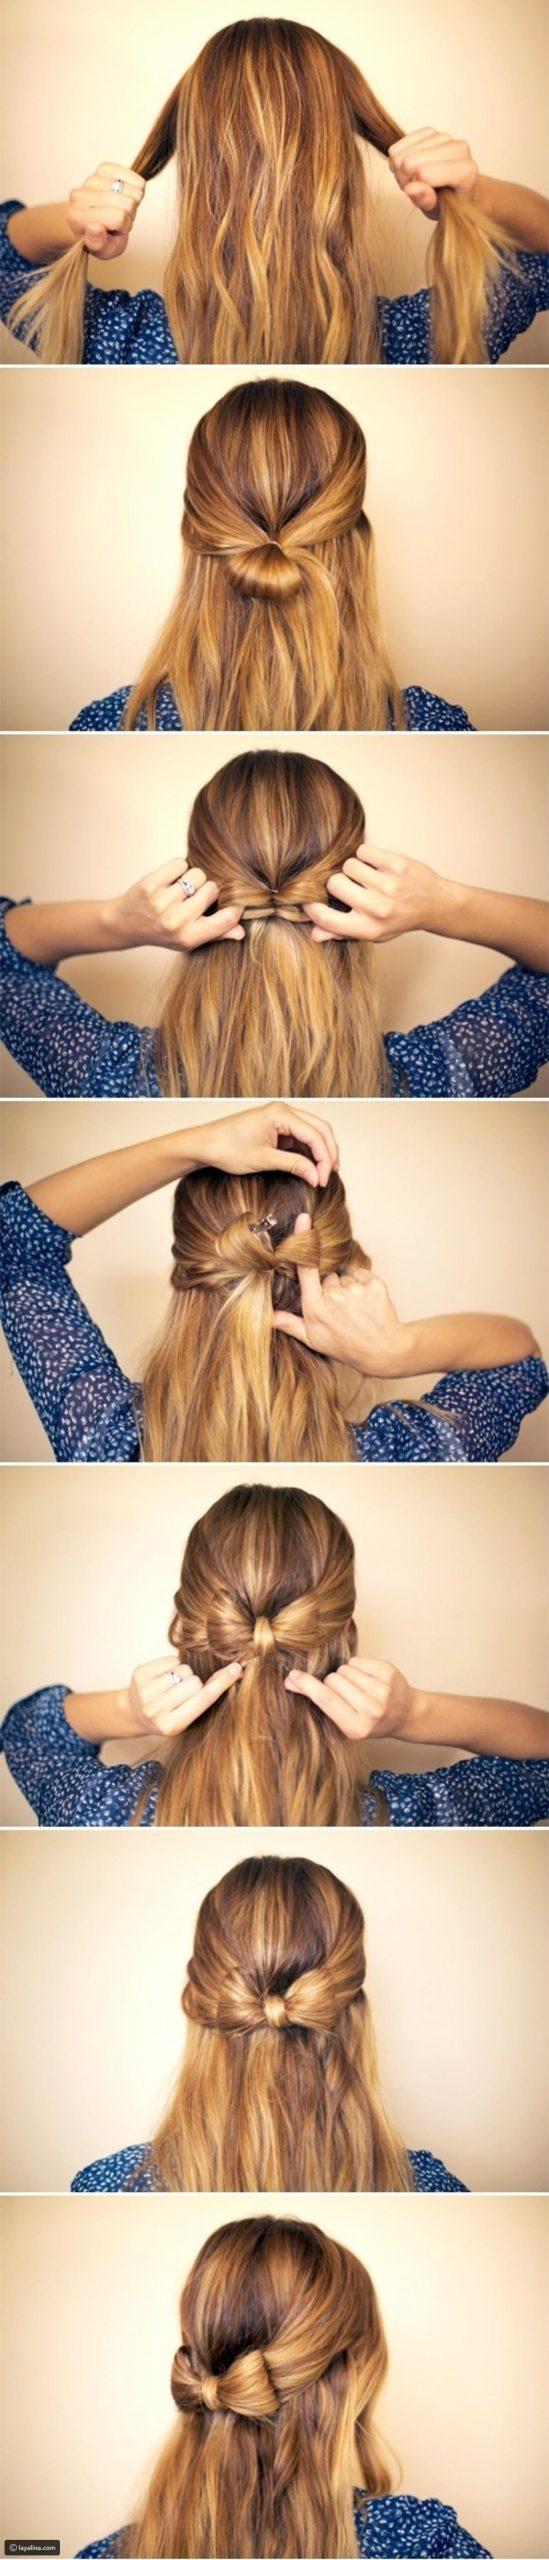 Χτένισμα για την Πρωτοχρονιά με φιογκάκι στα μαλλιά